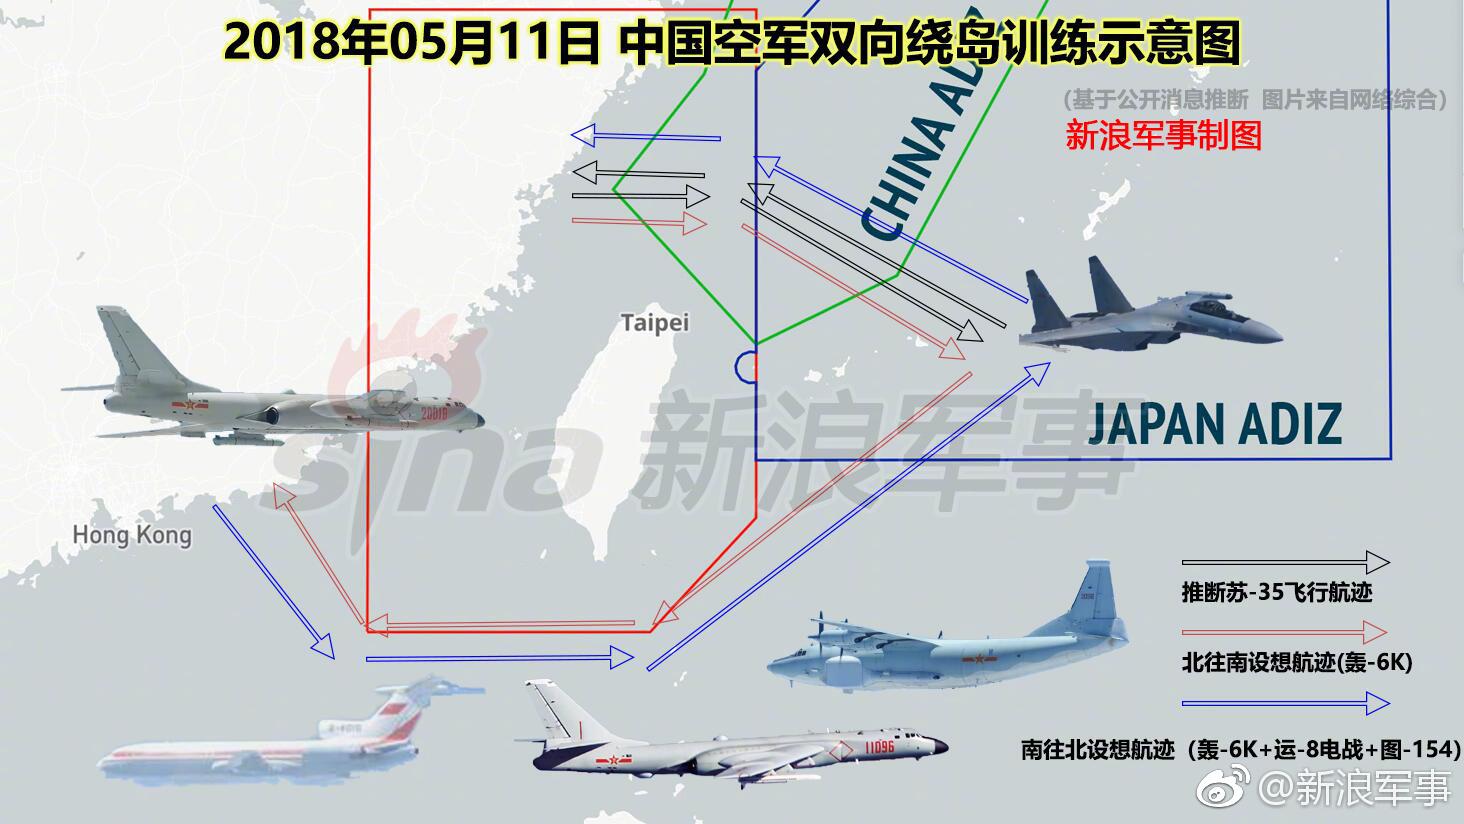 11 мая 2018 года истребители Су-35 ВВС НОАК впервые сопроводили бомбардировщики Xian Н-6K, которые совместно с самолетами Ту-154 и Y-8 совершили патрулирование районов в Южно-Китайском море в непосредственной близости к острову Тайвань.